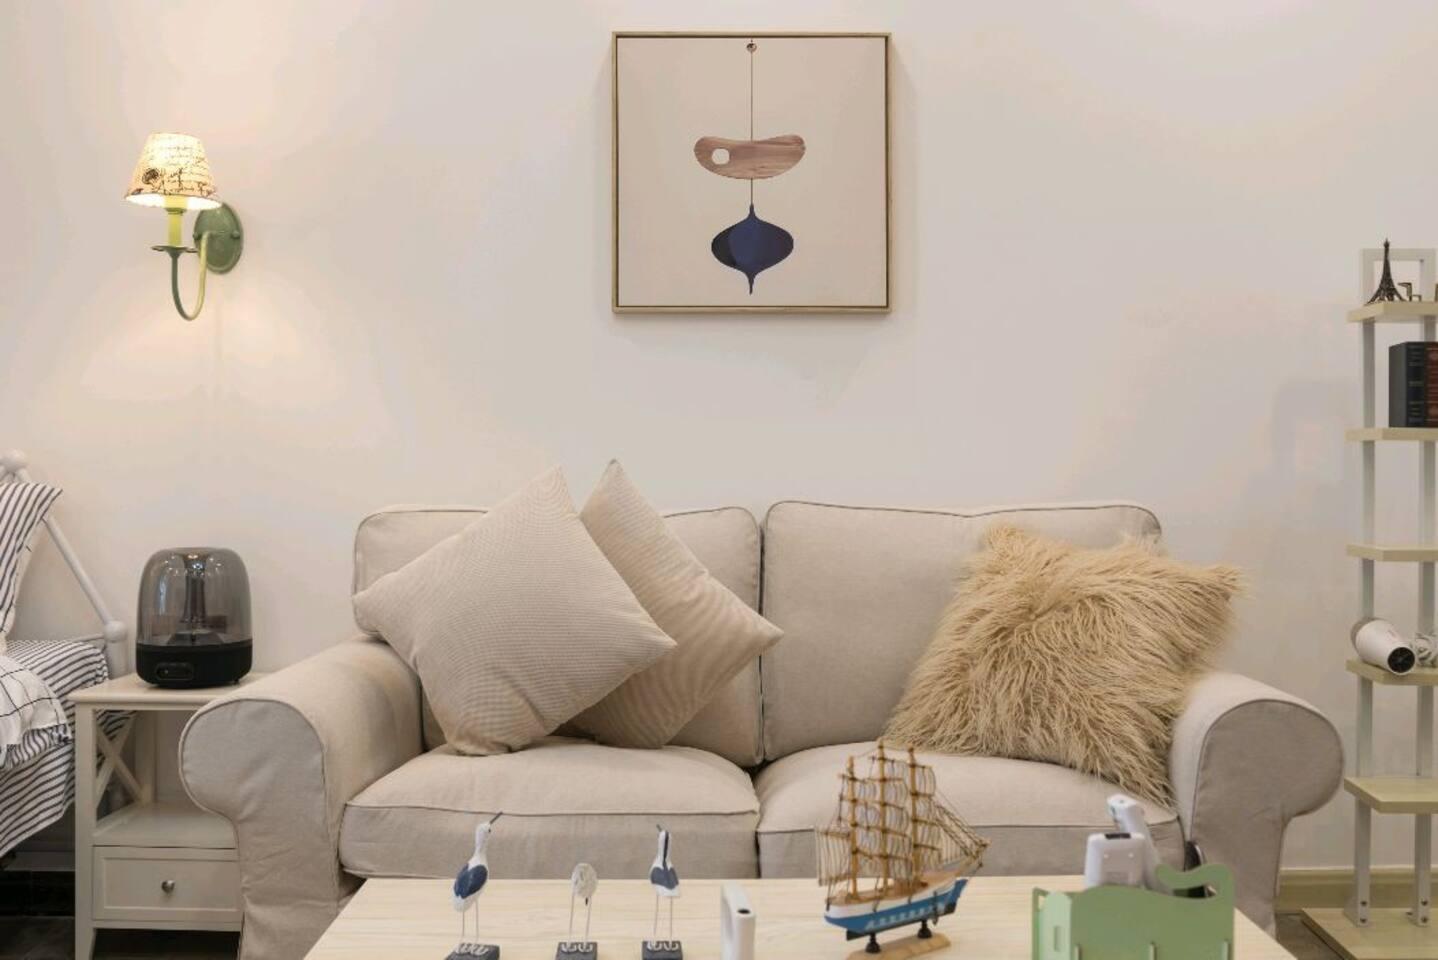 宜家沙发,柔软舒适!